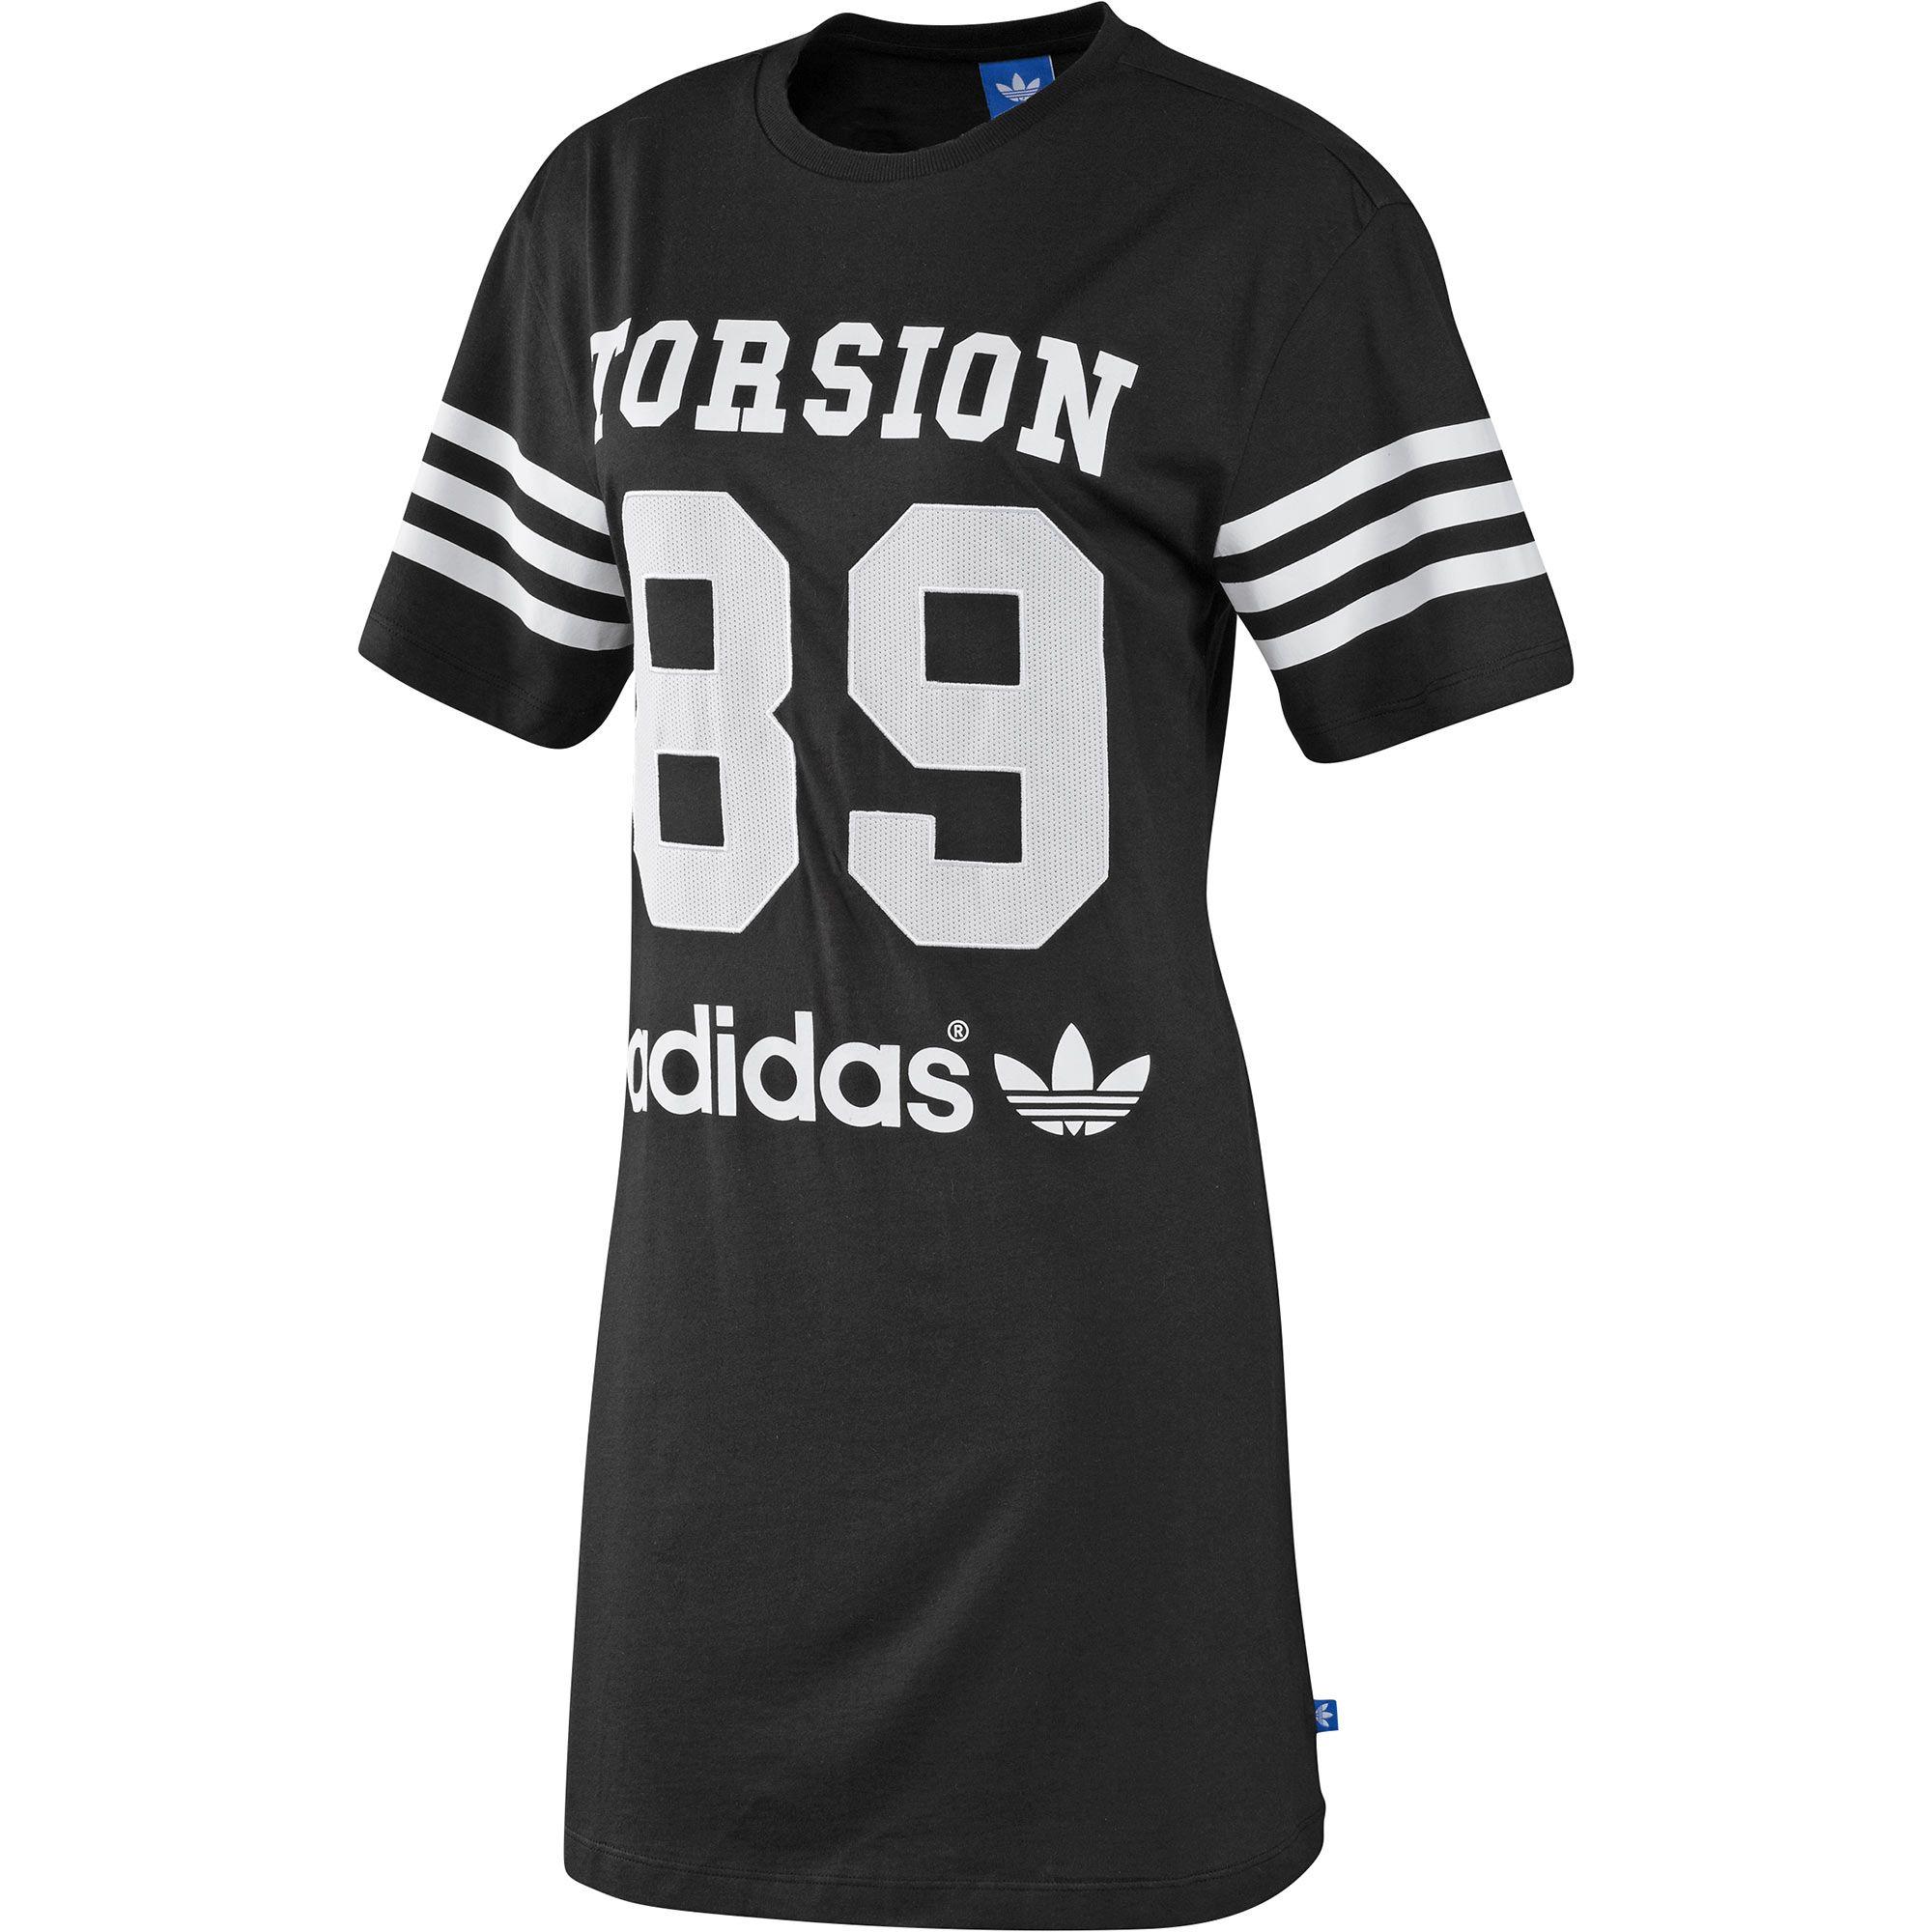 9ea98fb457 adidas Torsion 89 Dress | adidas Ireland | Adidas Fashion! | Adidas ...